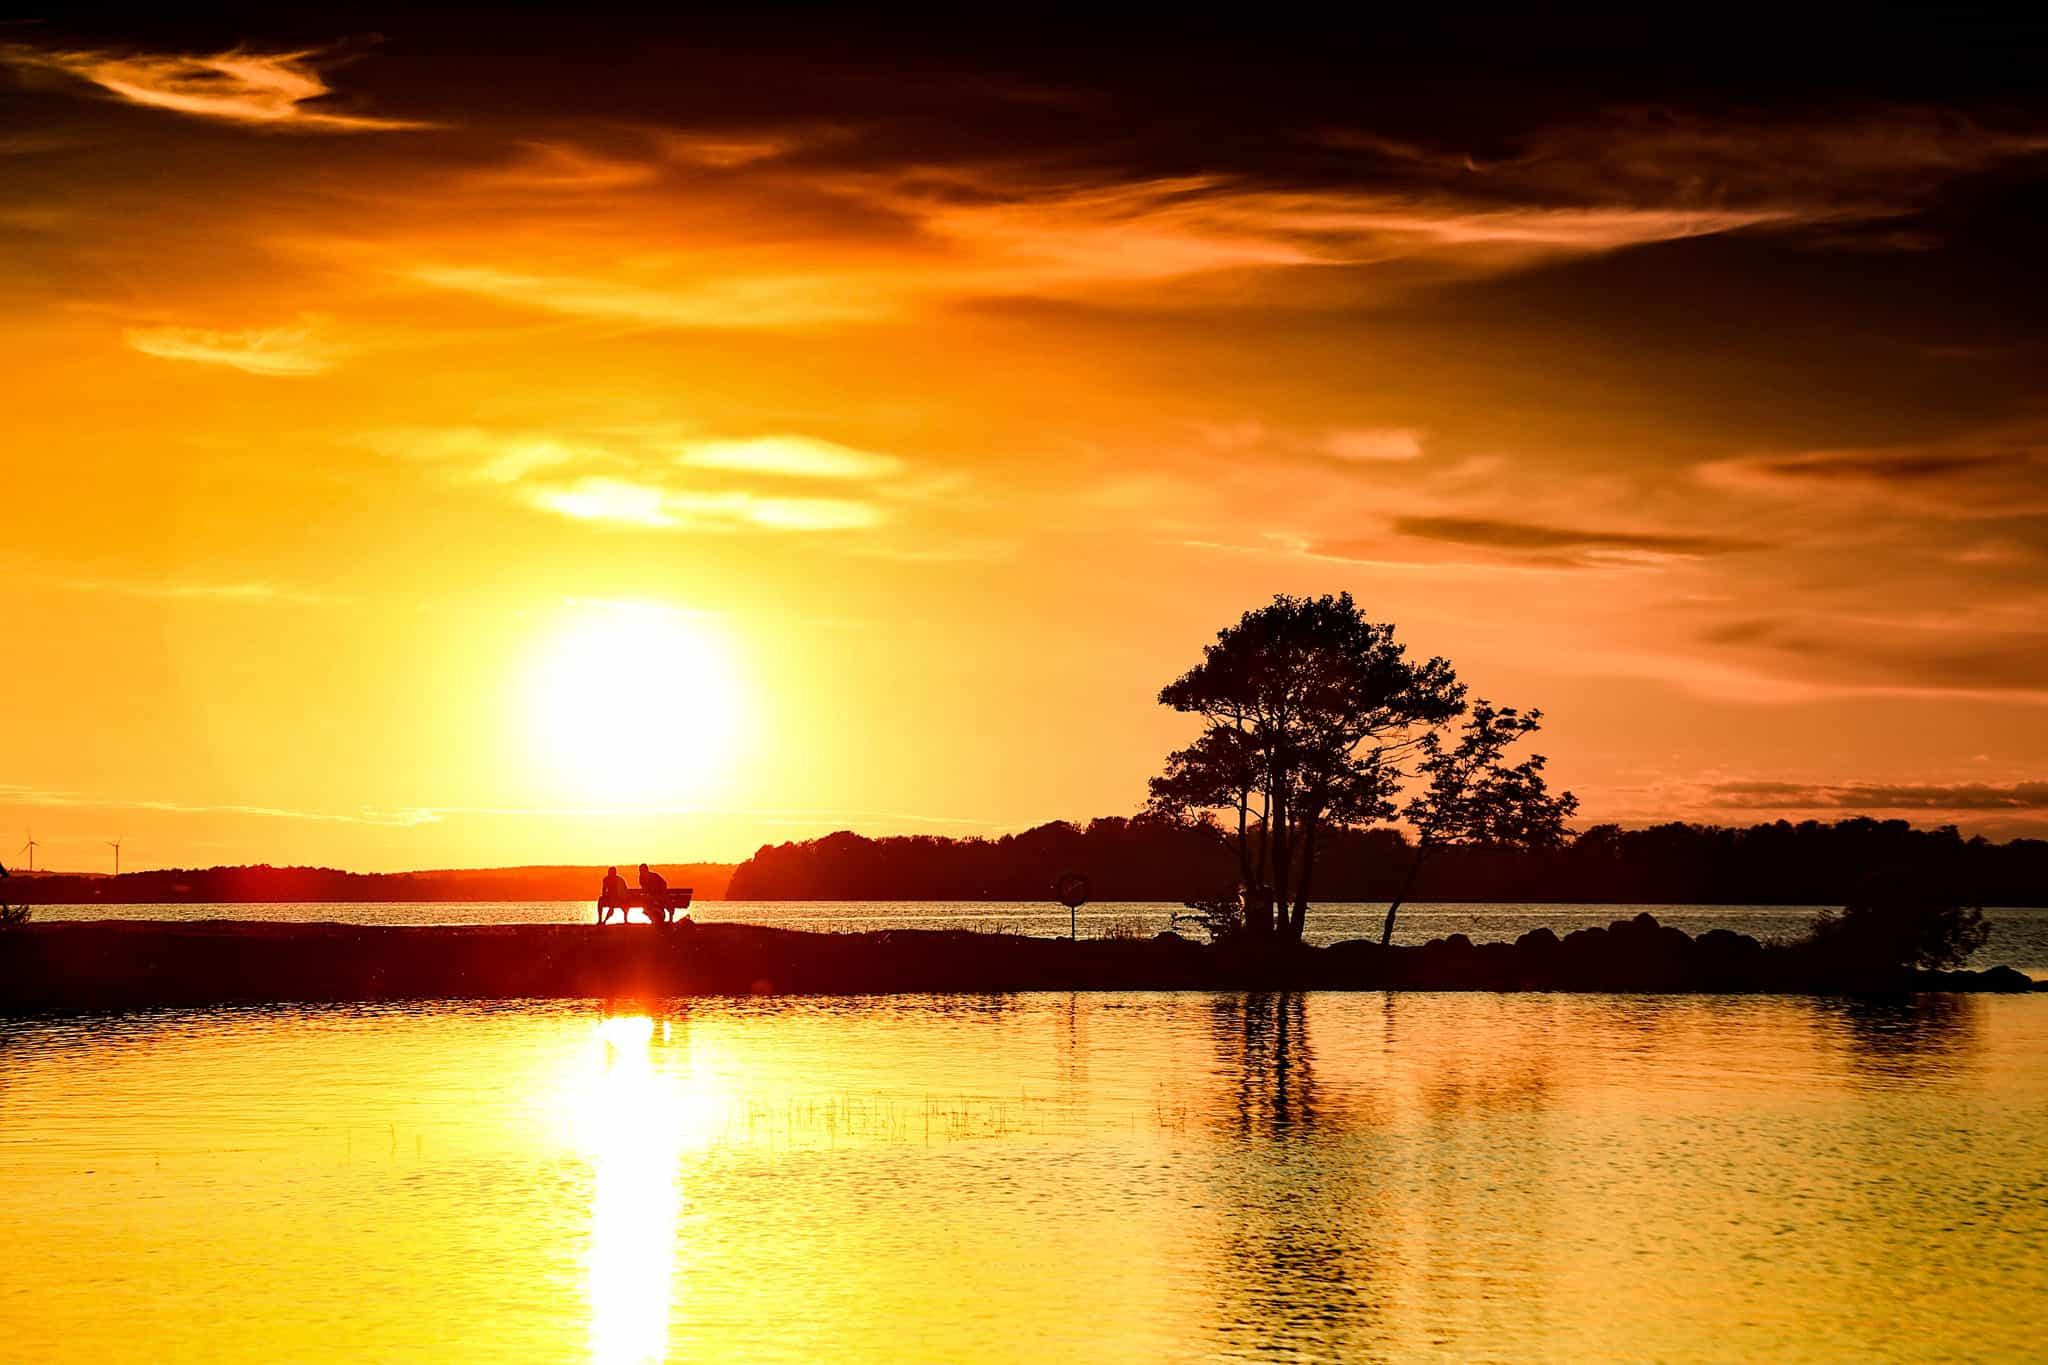 Strandängen, piren i solnedgång, Bromölla